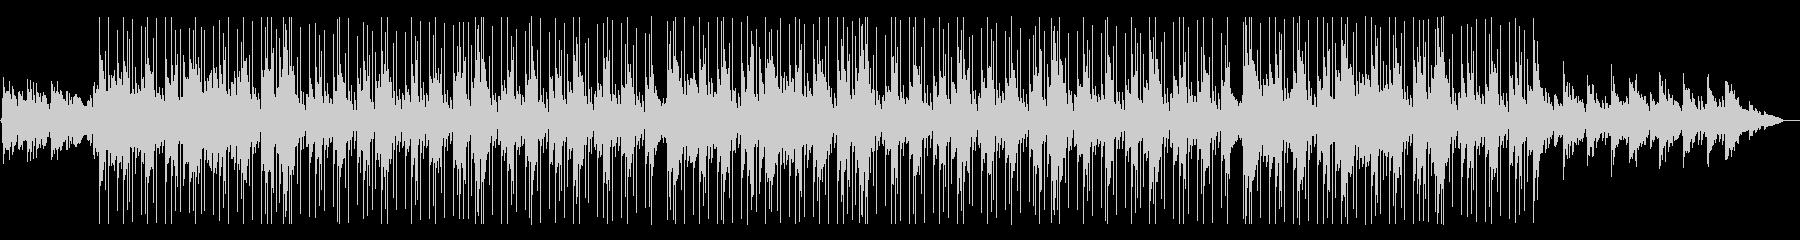 しっとりと綺麗なチル系HIPHOPの未再生の波形